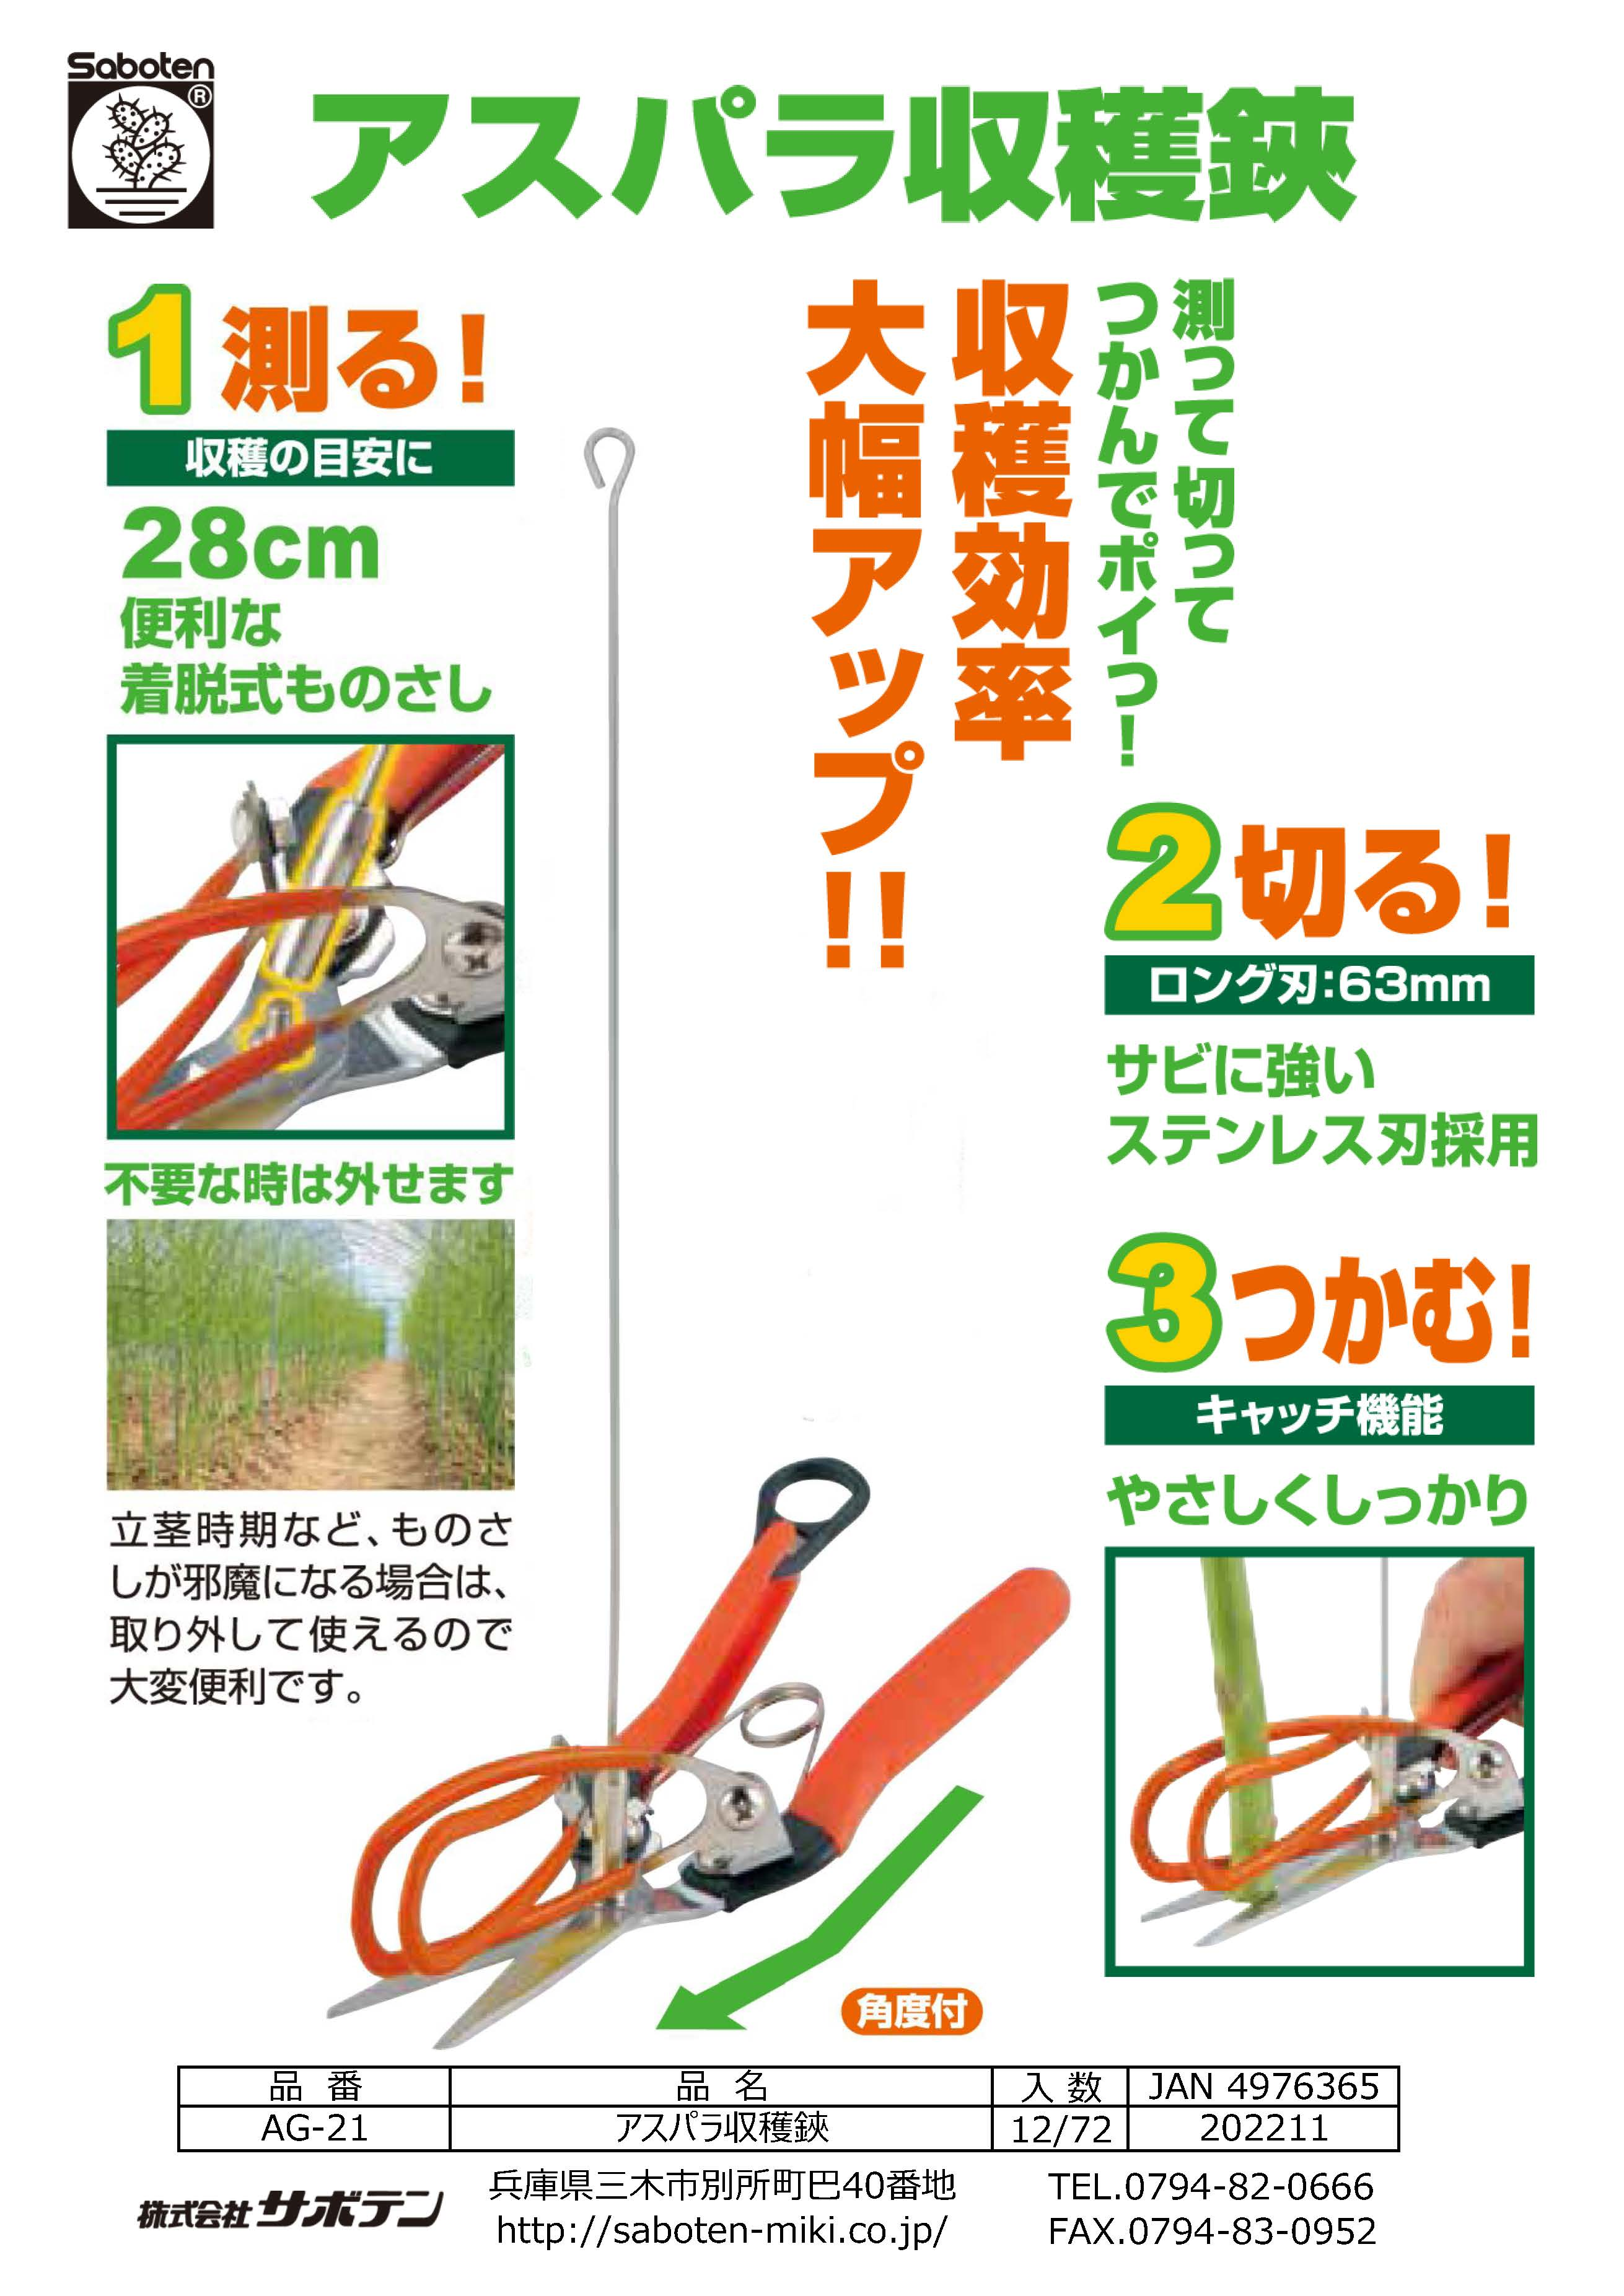 サボテン アスパラ収穫鋏 【測って、切って、つかめる】 収穫効率アップ No.AG-21